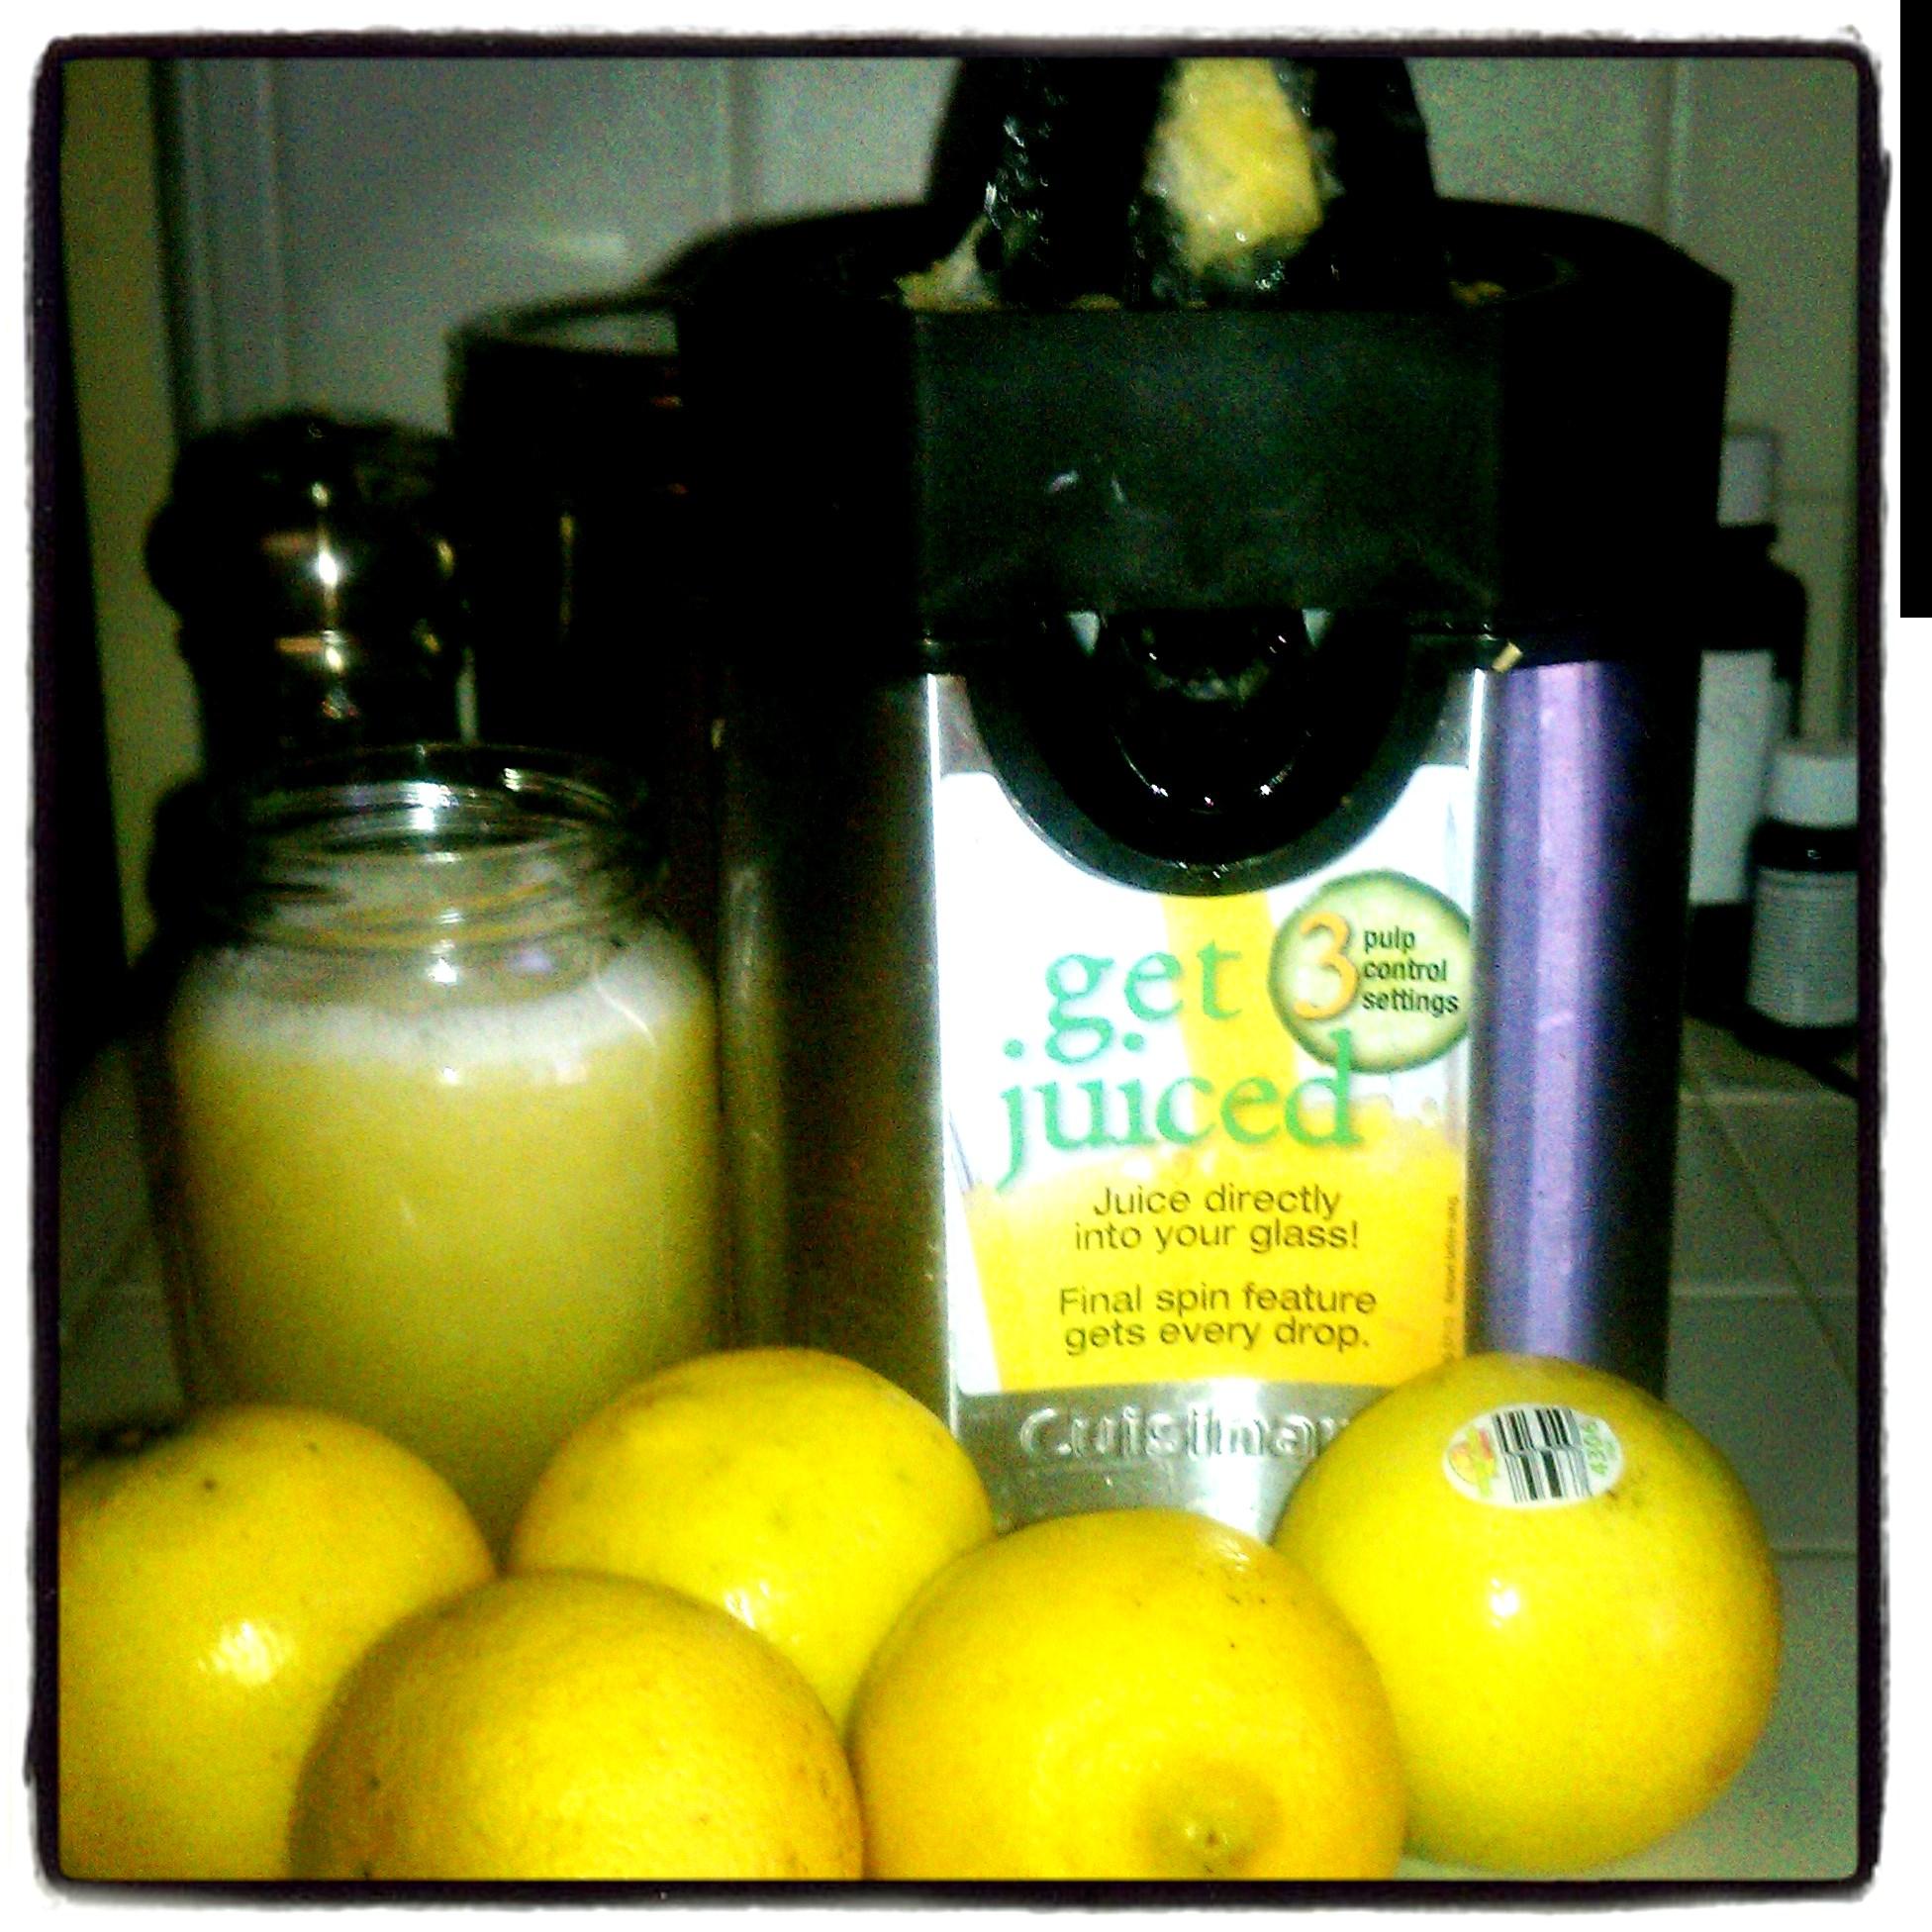 Buy a Citrus Juicer